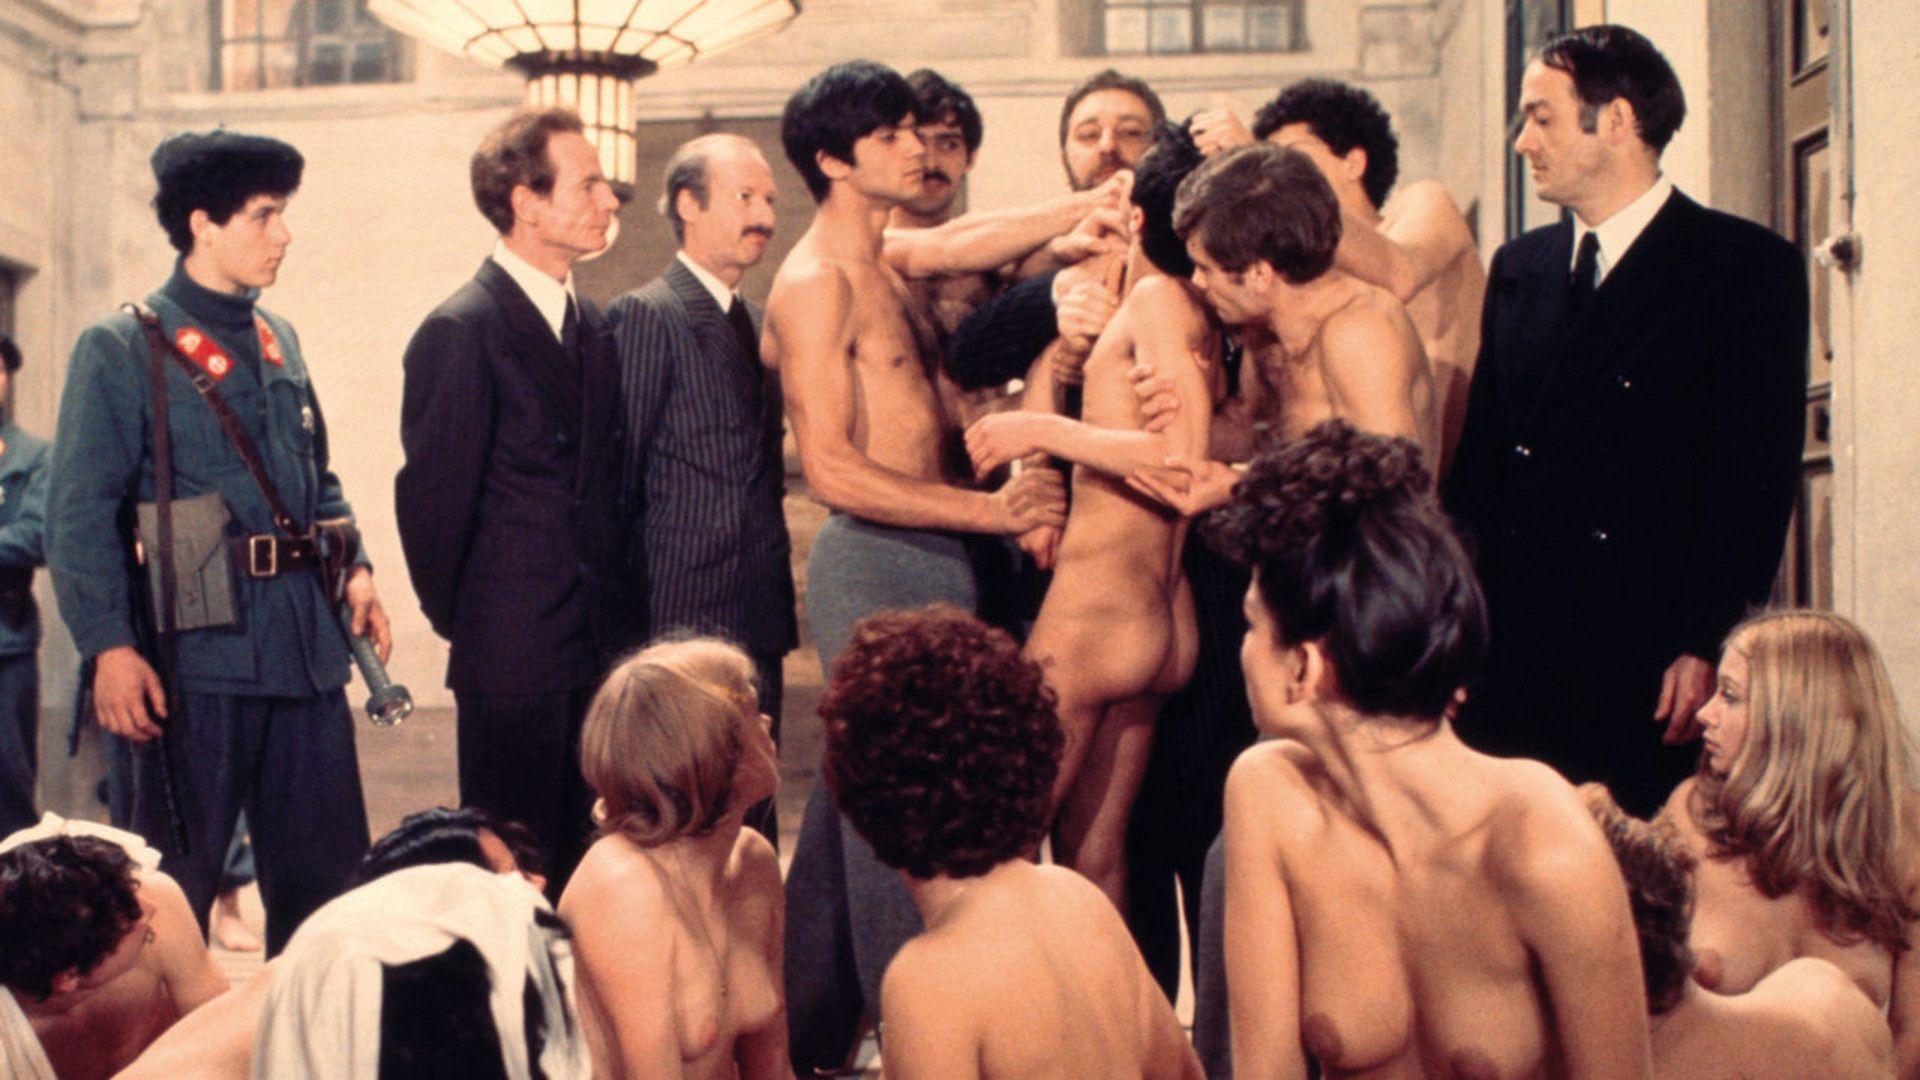 французское полнометражное эротическое кино - 4